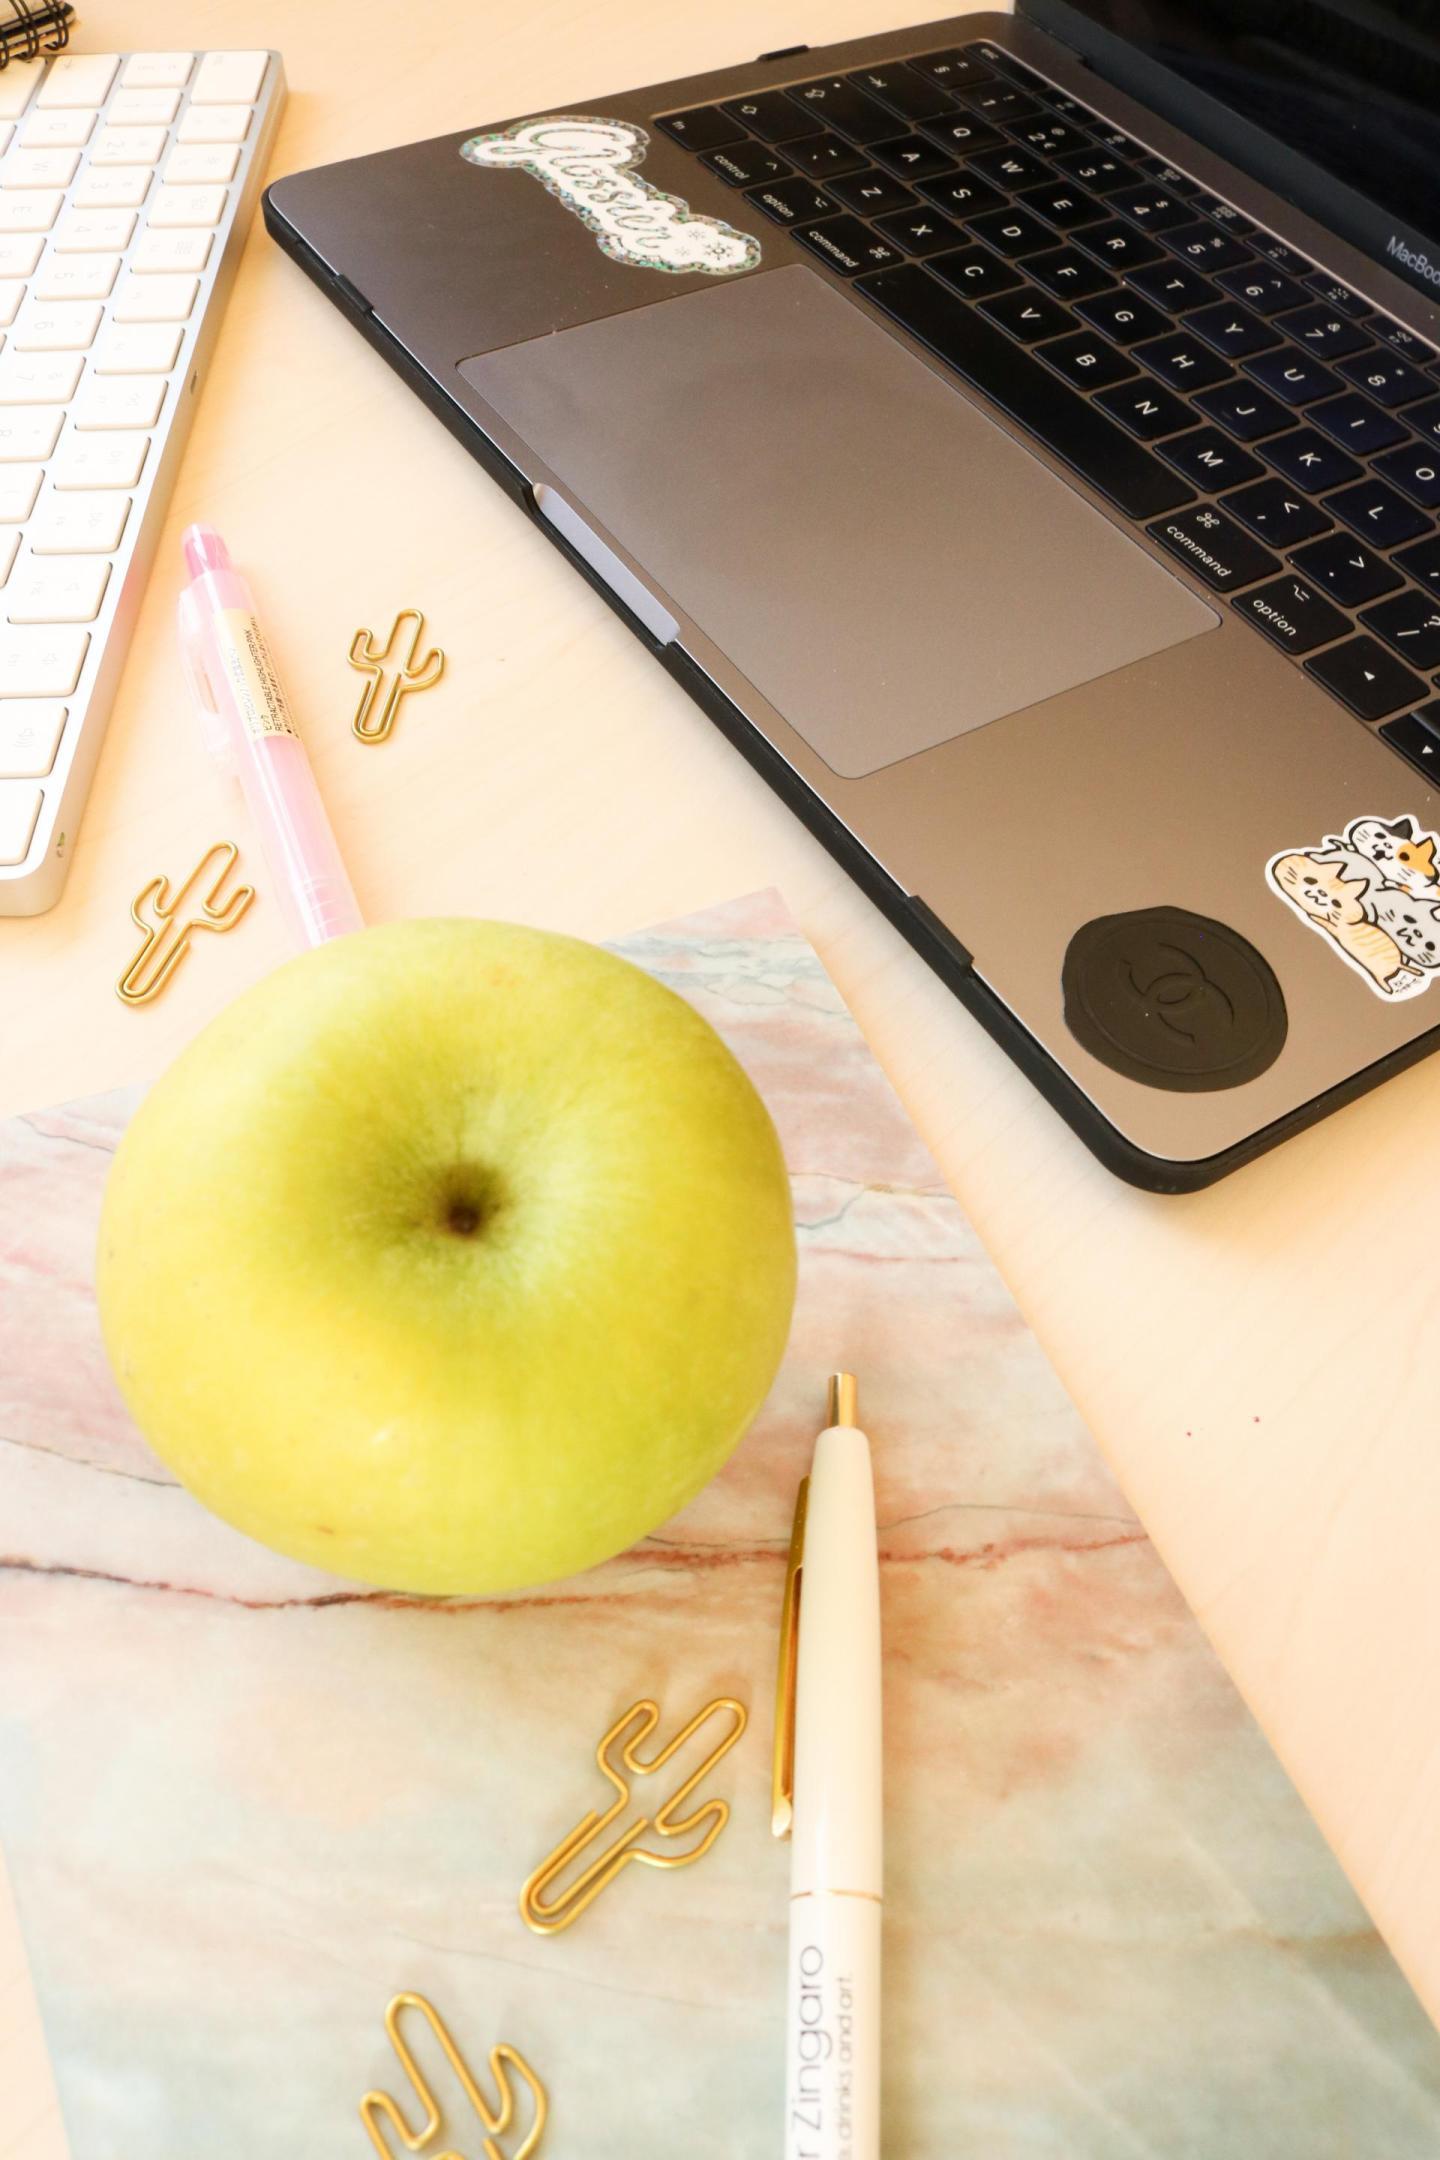 MobiGear Macbook Marble Case